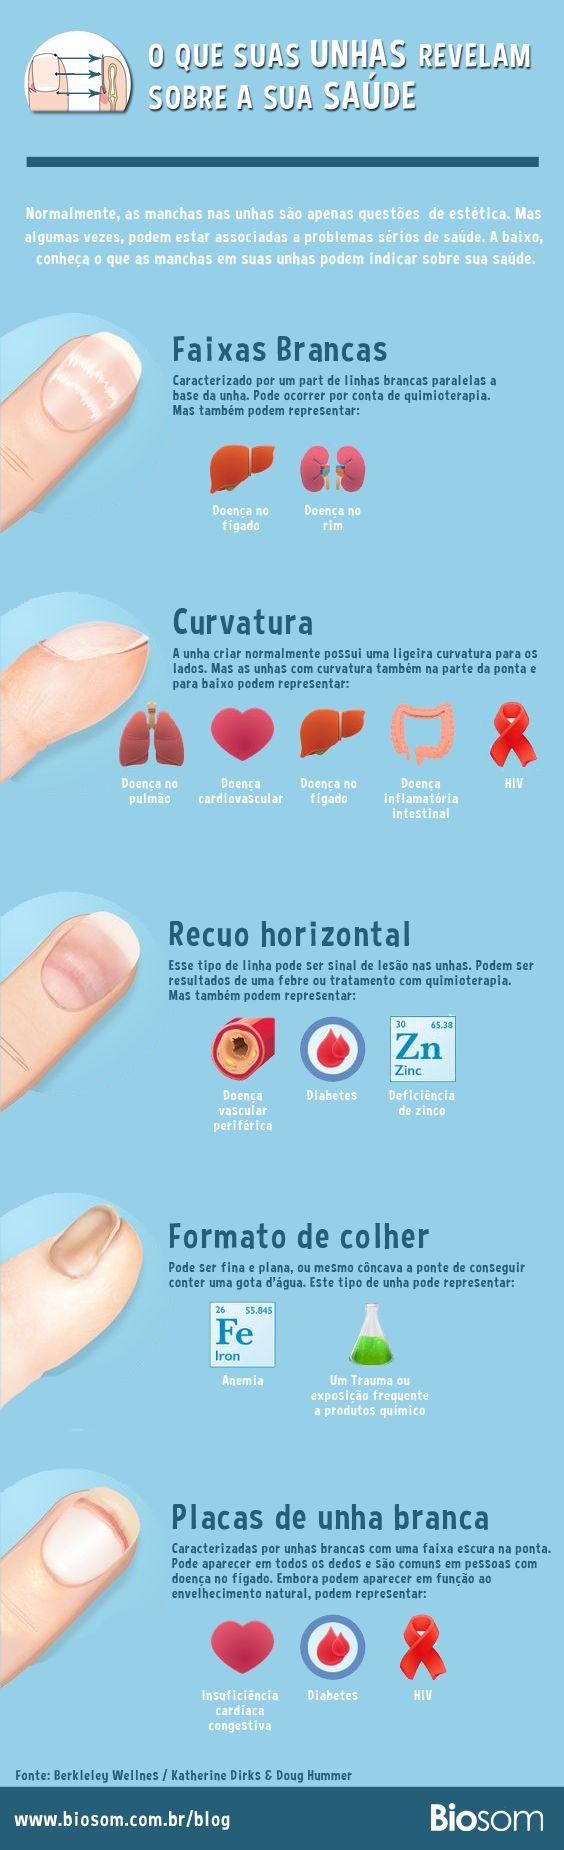 Nosso corpo é incrível e algumas vezes nos relevam informações sutis sobre nossa saúde. Confira alguns sinais que nossas unhas podem dam sobre nossa saúde. #unhas #saúde #corpo #manchanaunha #tiposdeunhas